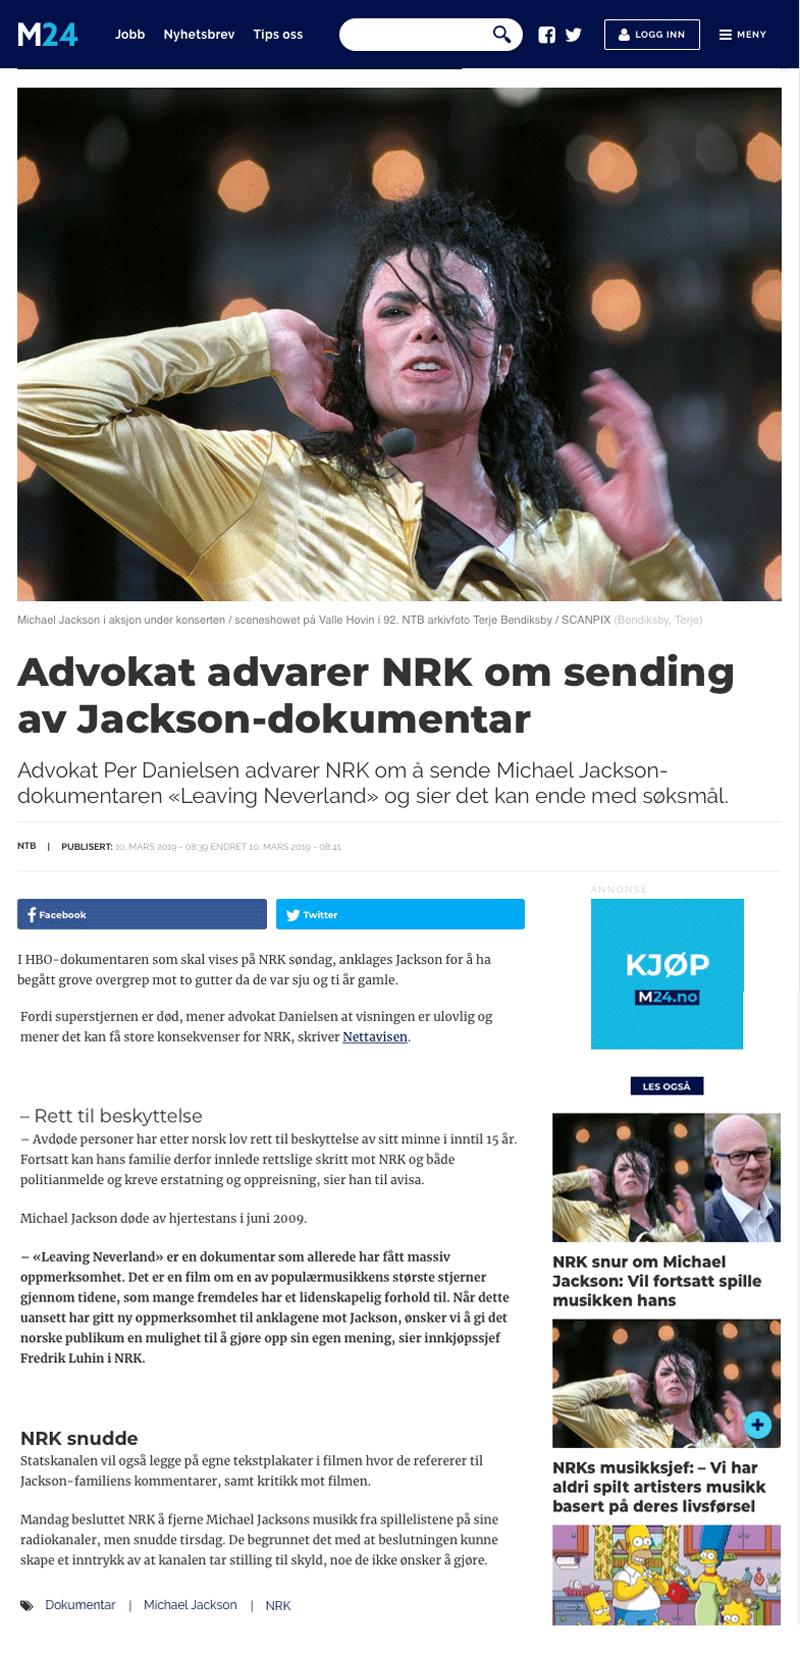 Danielsen advarer NRK. Alminnelig praksis. Advokat Danielsen & Co. Per Danielsen. Advokat i Oslo.